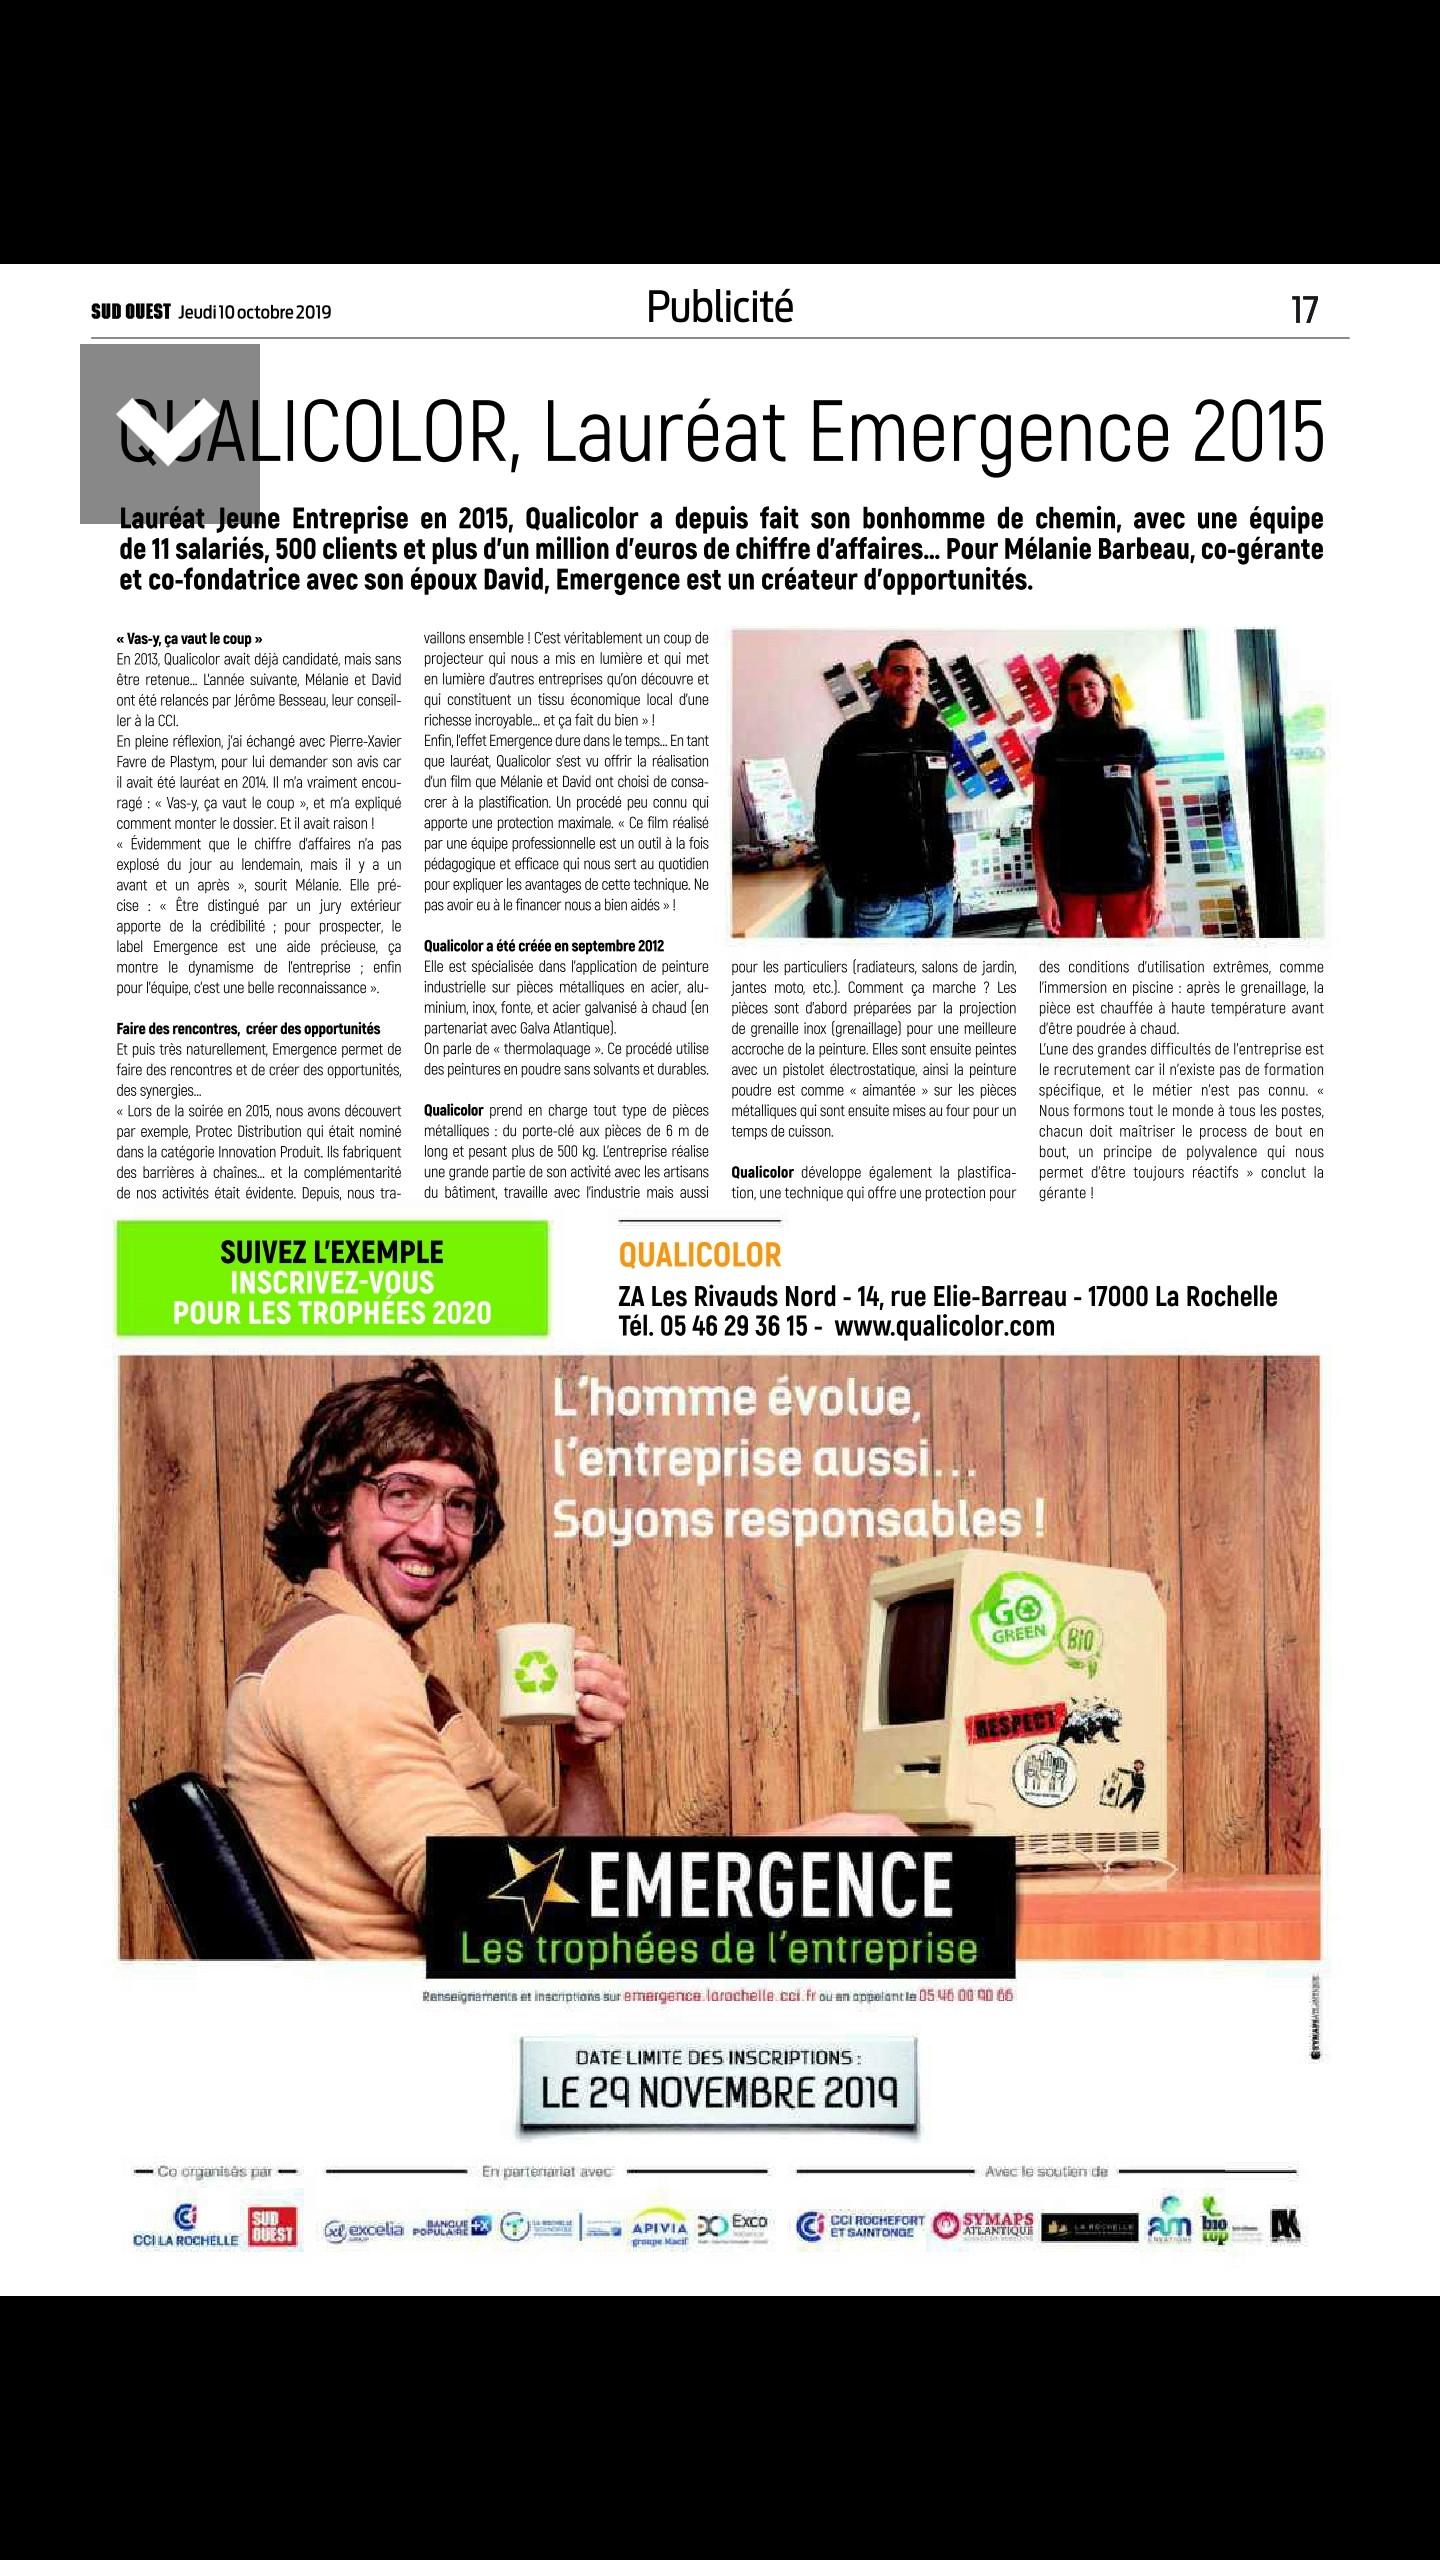 Article SUD OUEST 2019 QUALICOLOR lauréat Emergence 2015 (concours CCI La Rochelle)